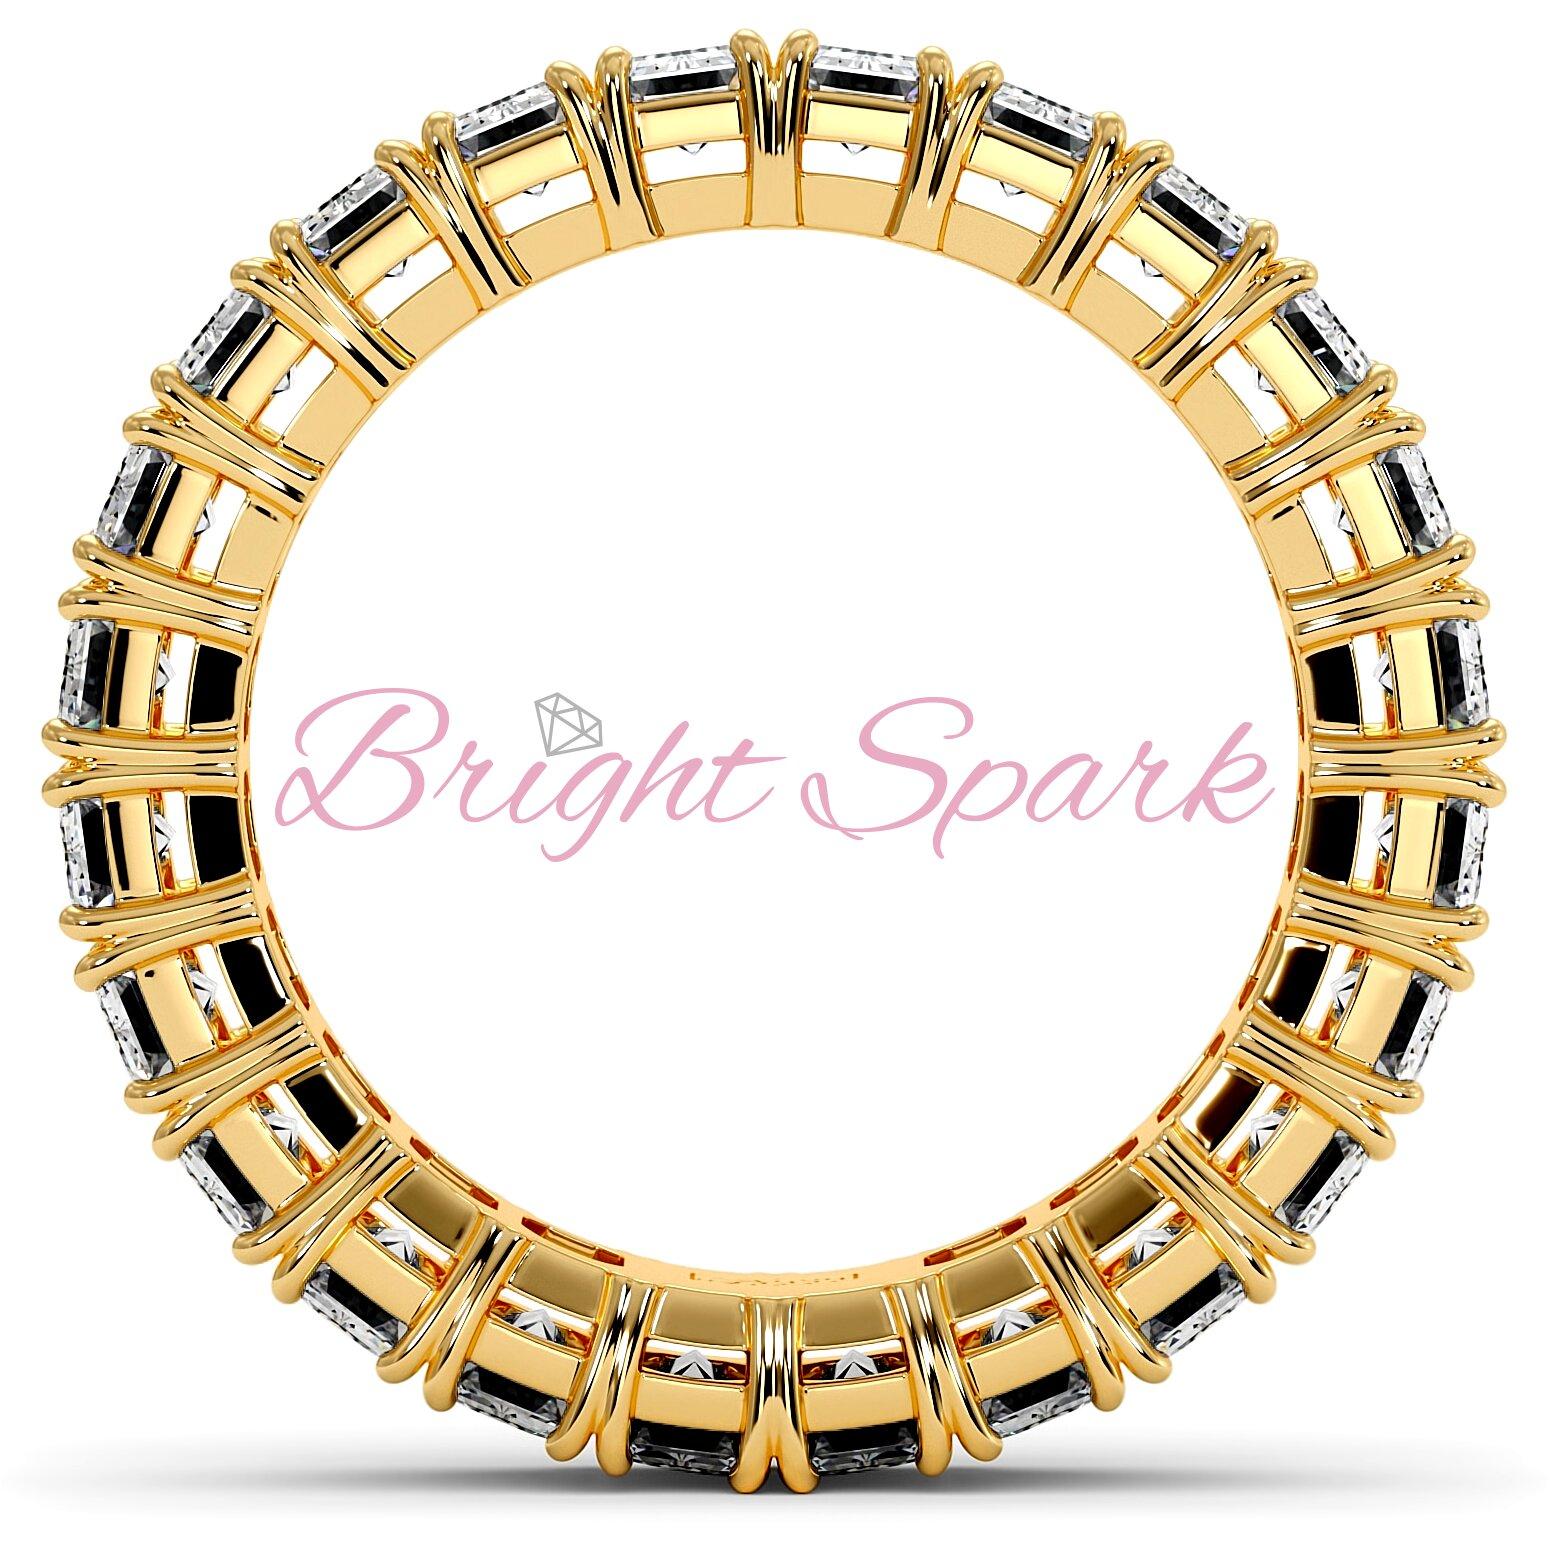 Кольцо с бриллиантами изумрудной огранки по кругу желтое золото на 3,6 карата